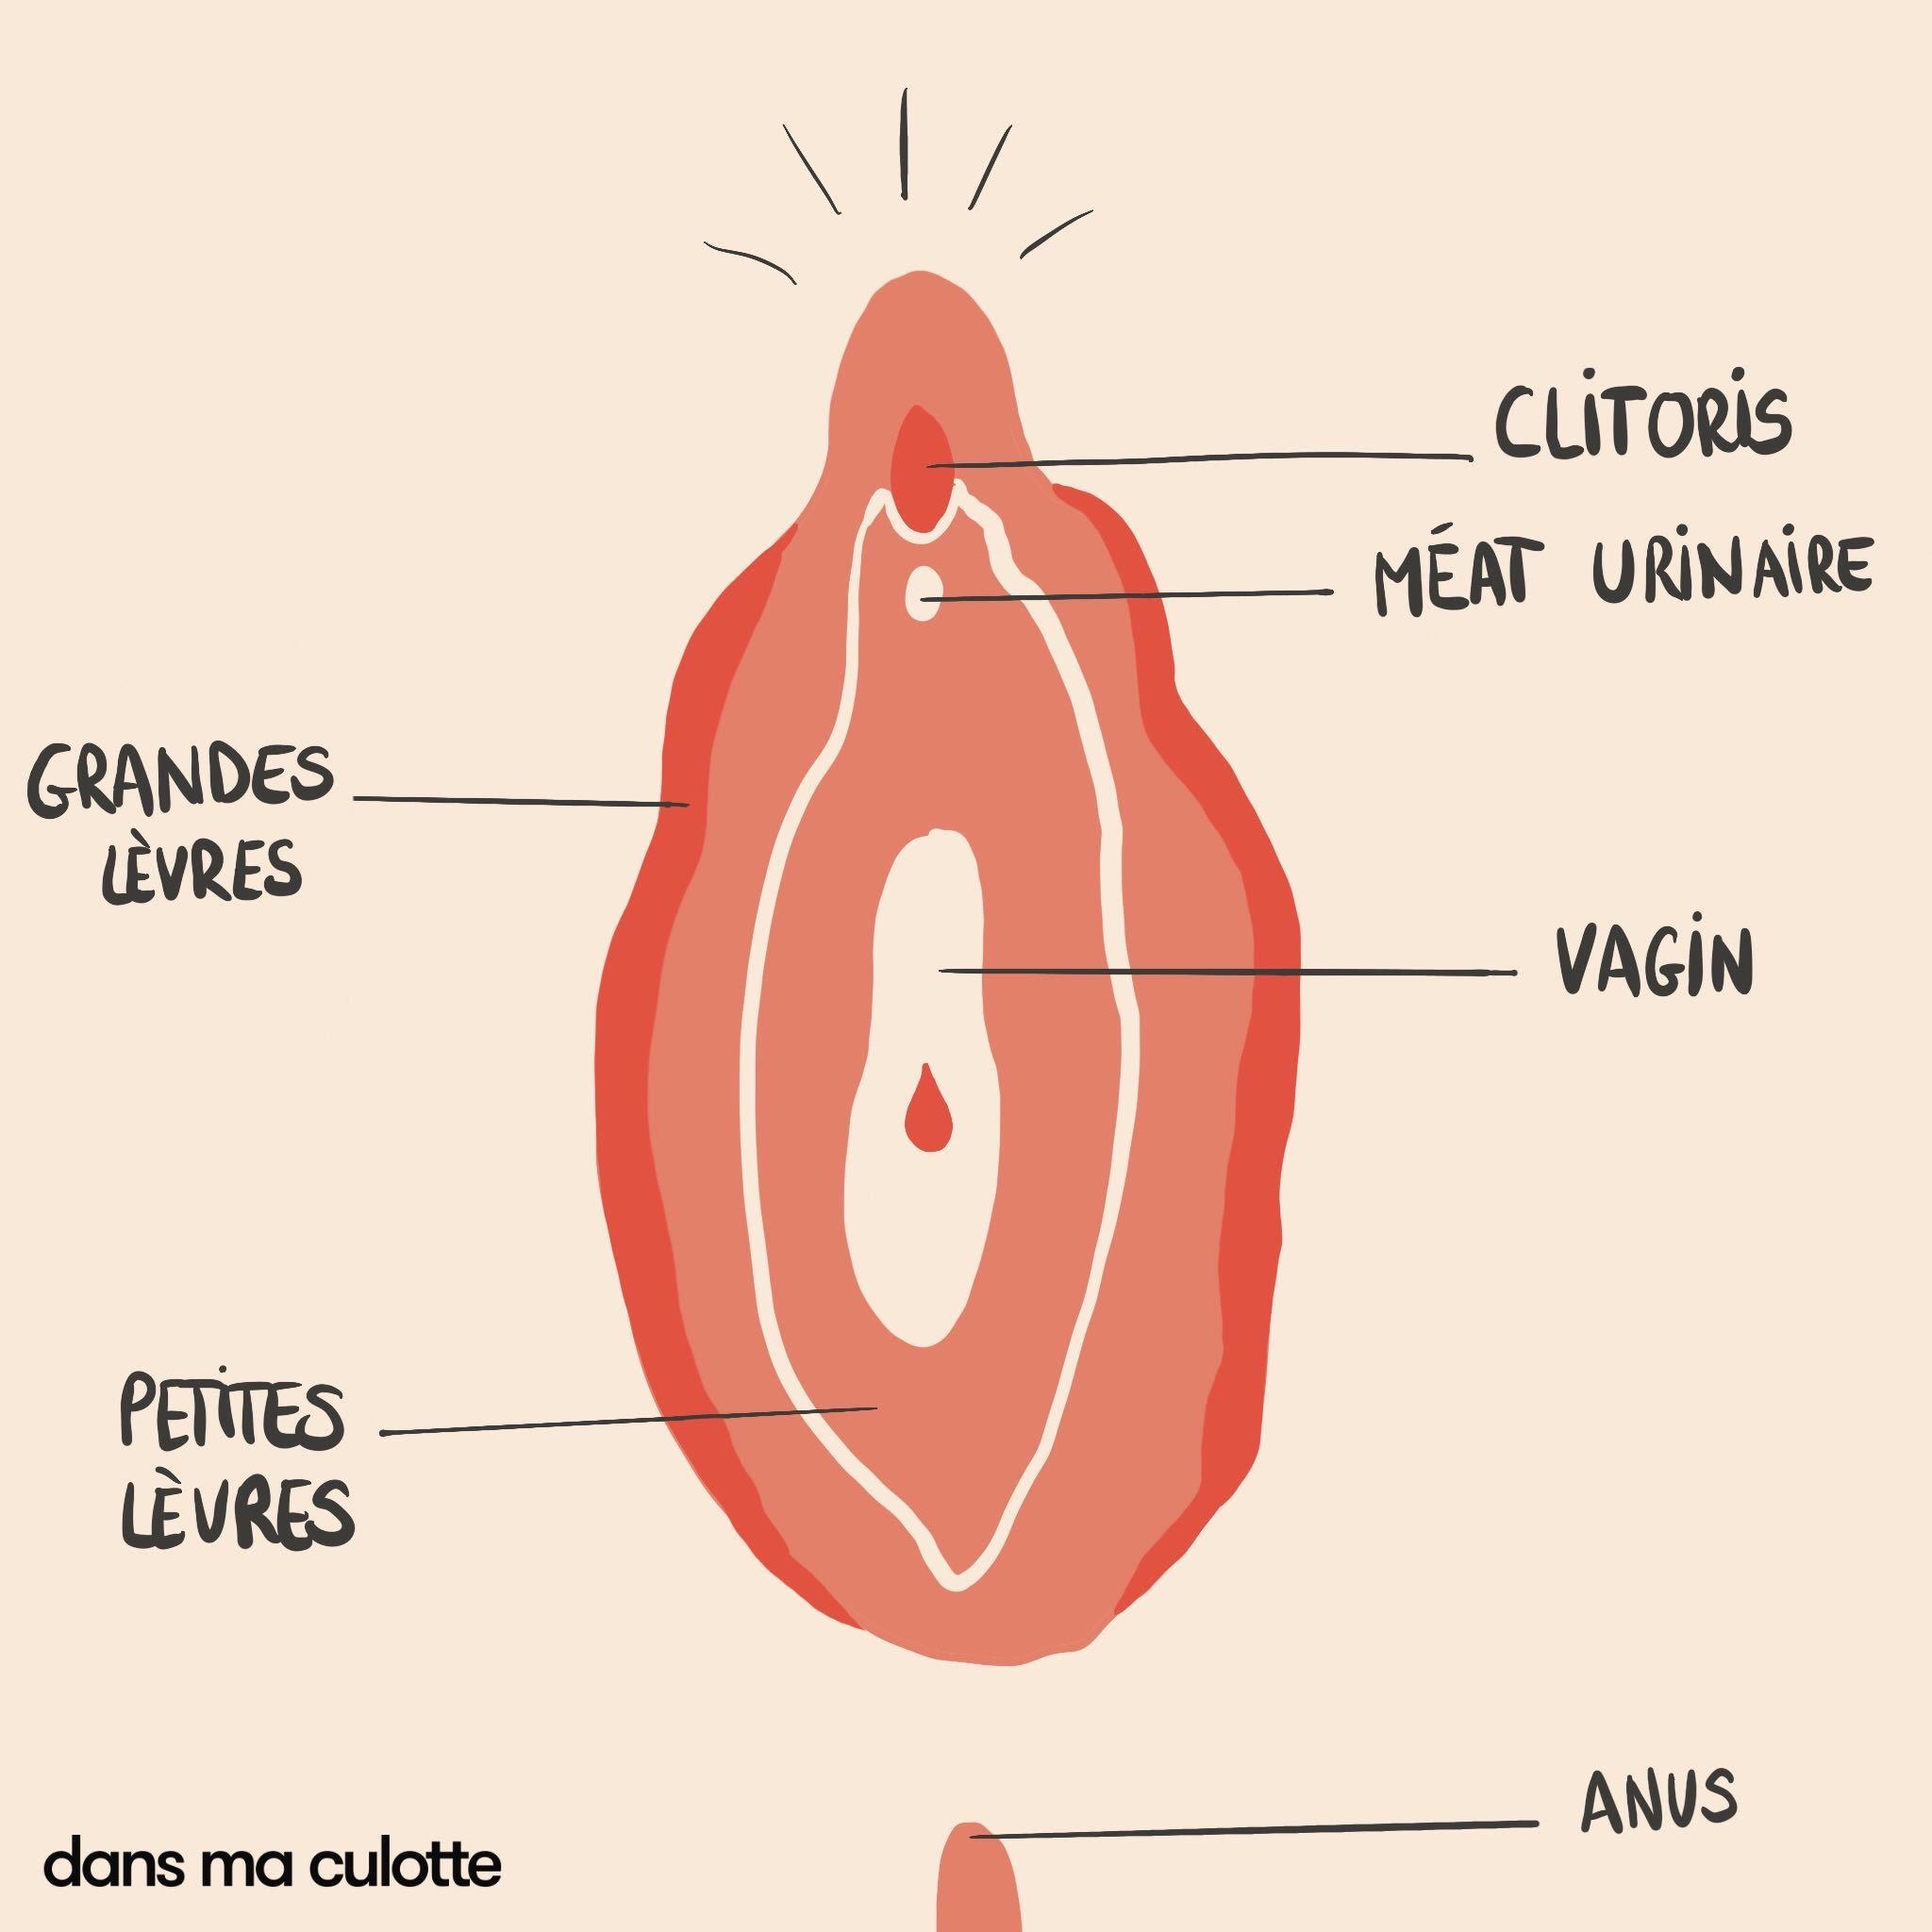 dessin d'une vulve montrant le clitoris, le meat urinaire, les grandes lèvres, les petites lèvres, le vagin et l'anus.